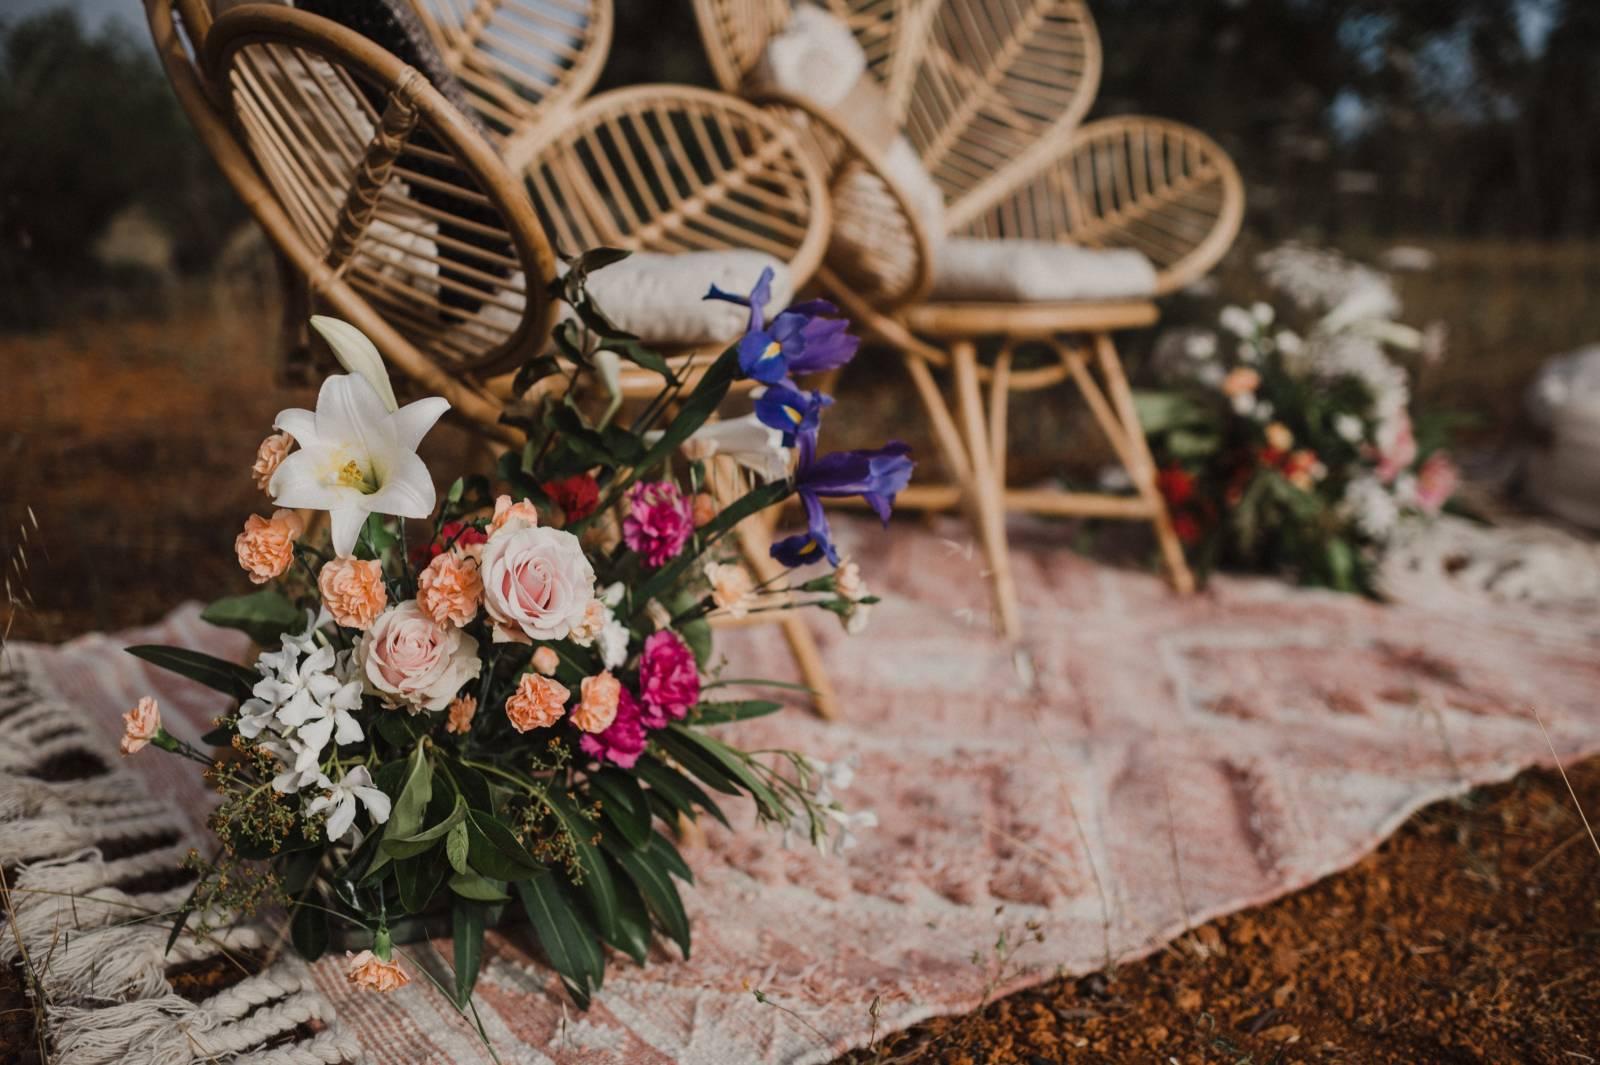 Ateljee Boekee - Bloemen - House Of Weddings - 19